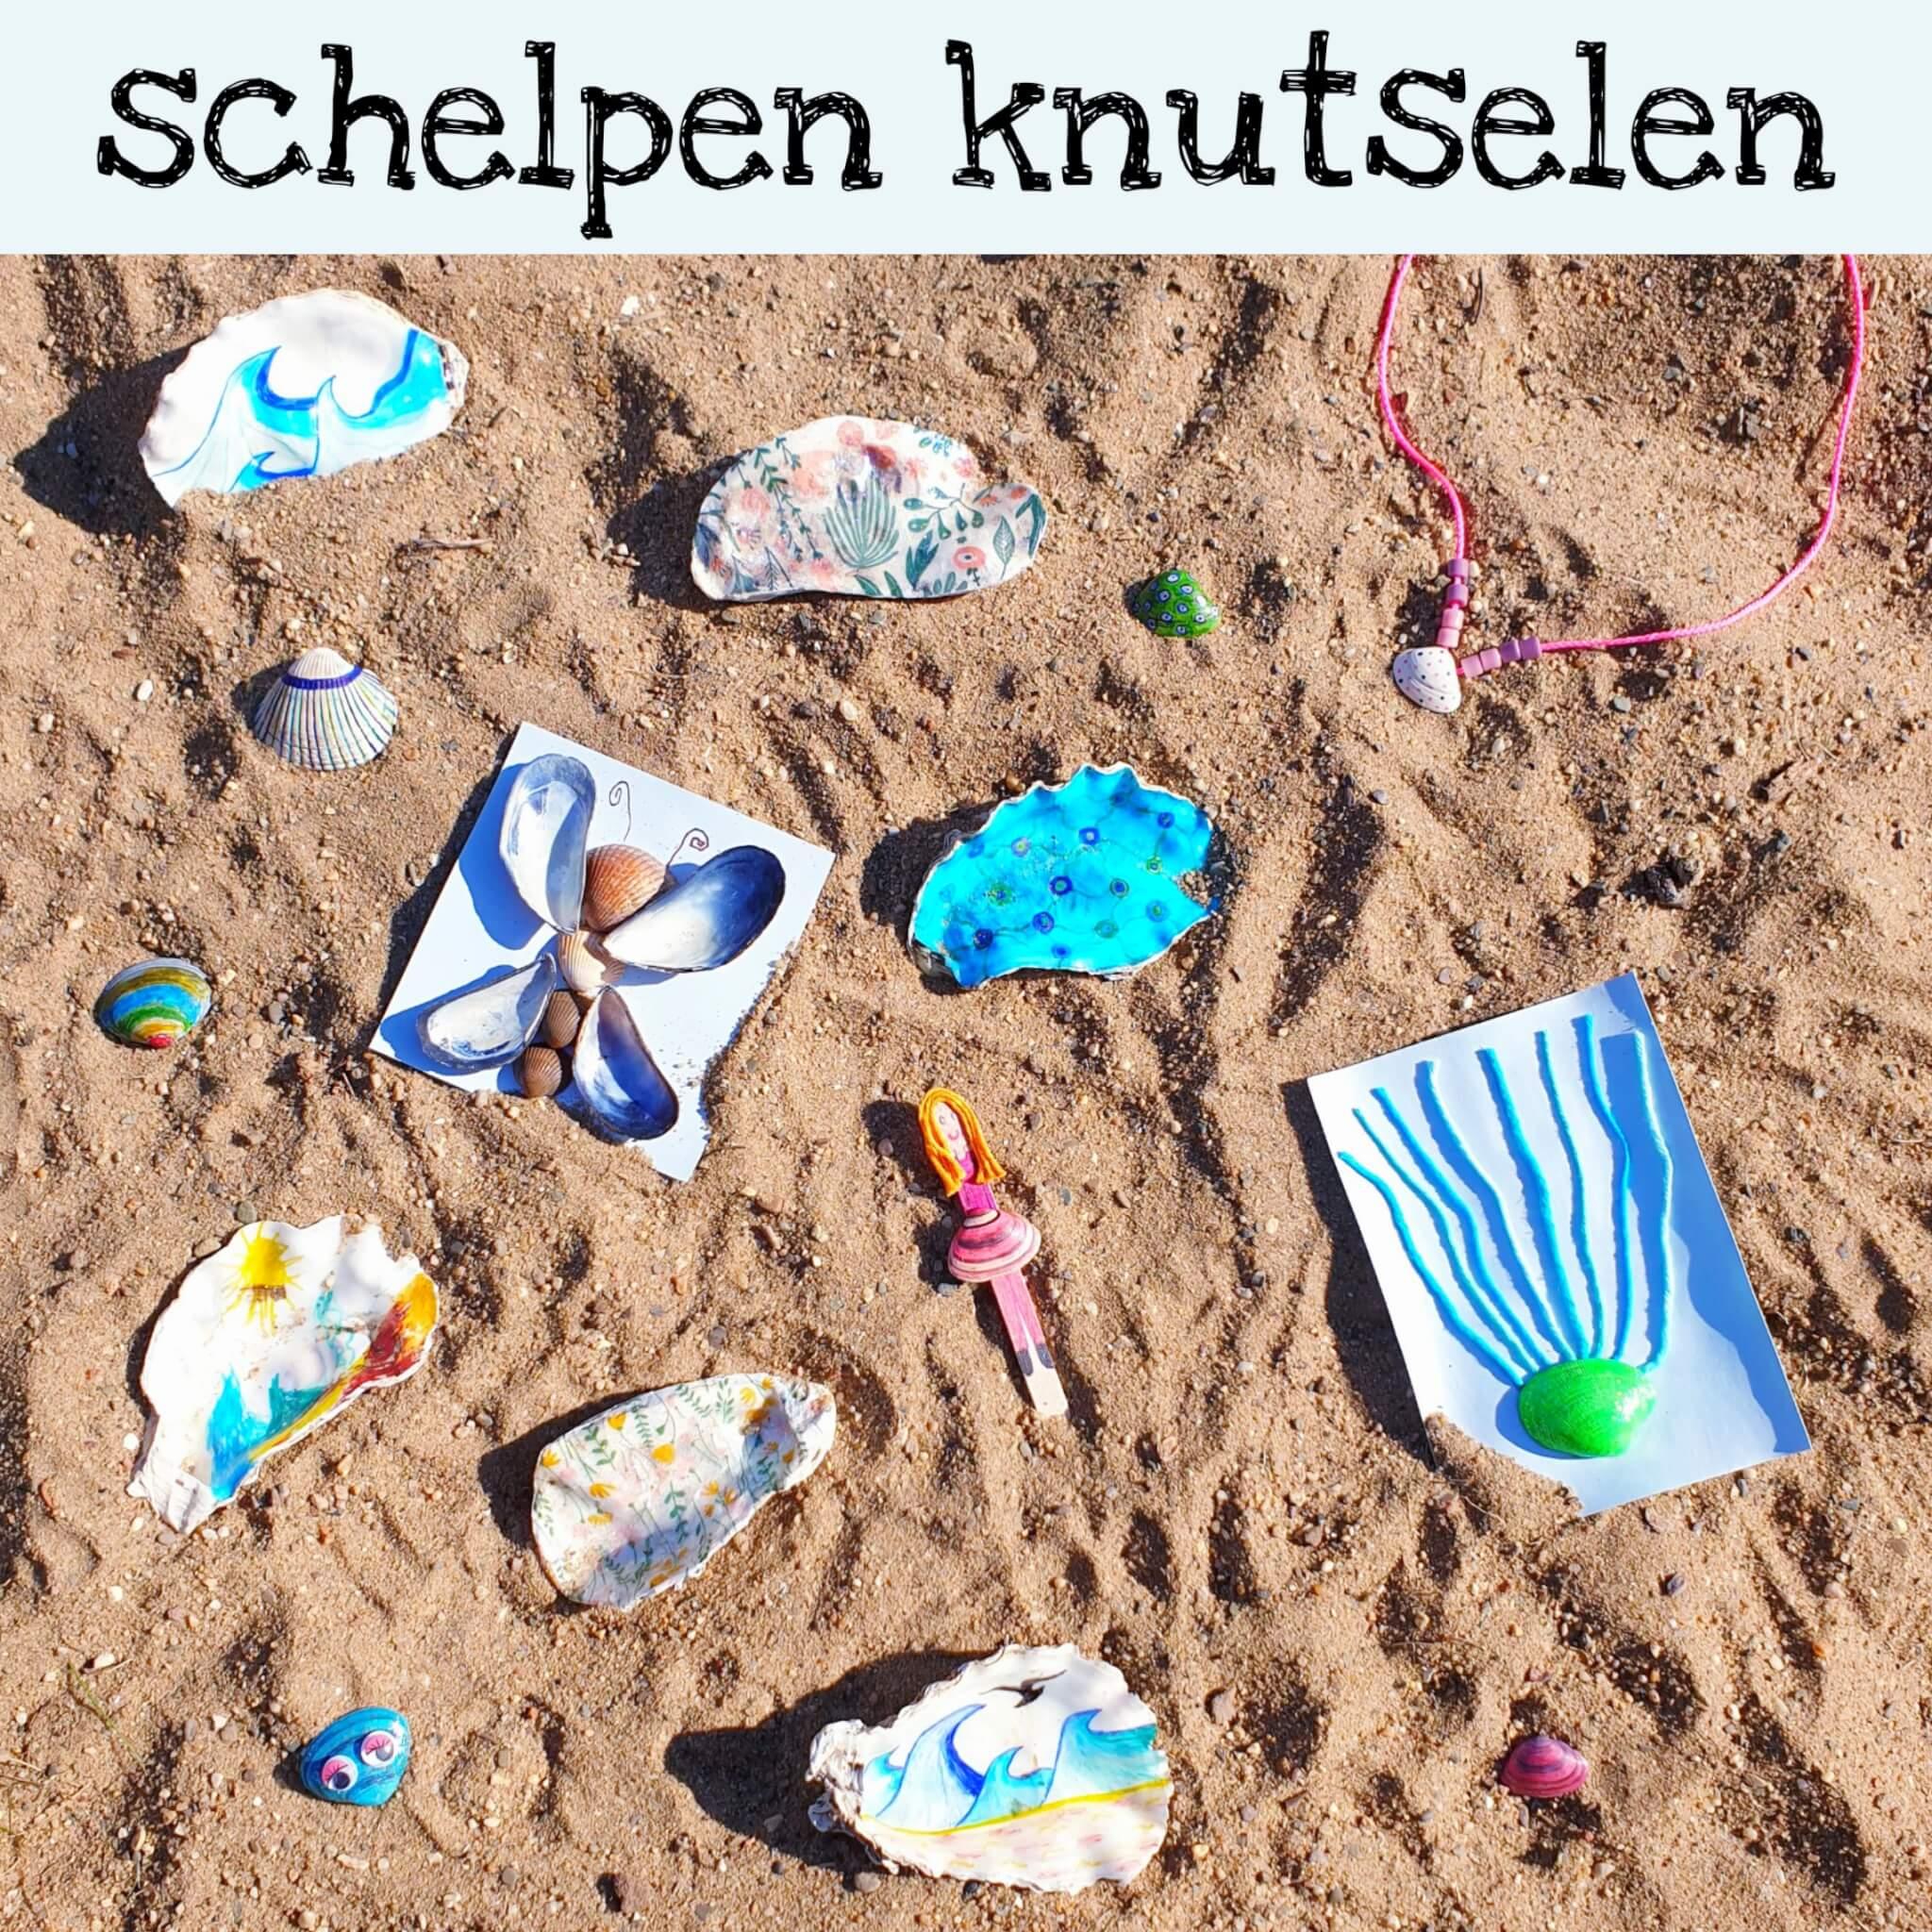 Knutselen met schelpen: ideeën als je met kinderen naar het strand gaat